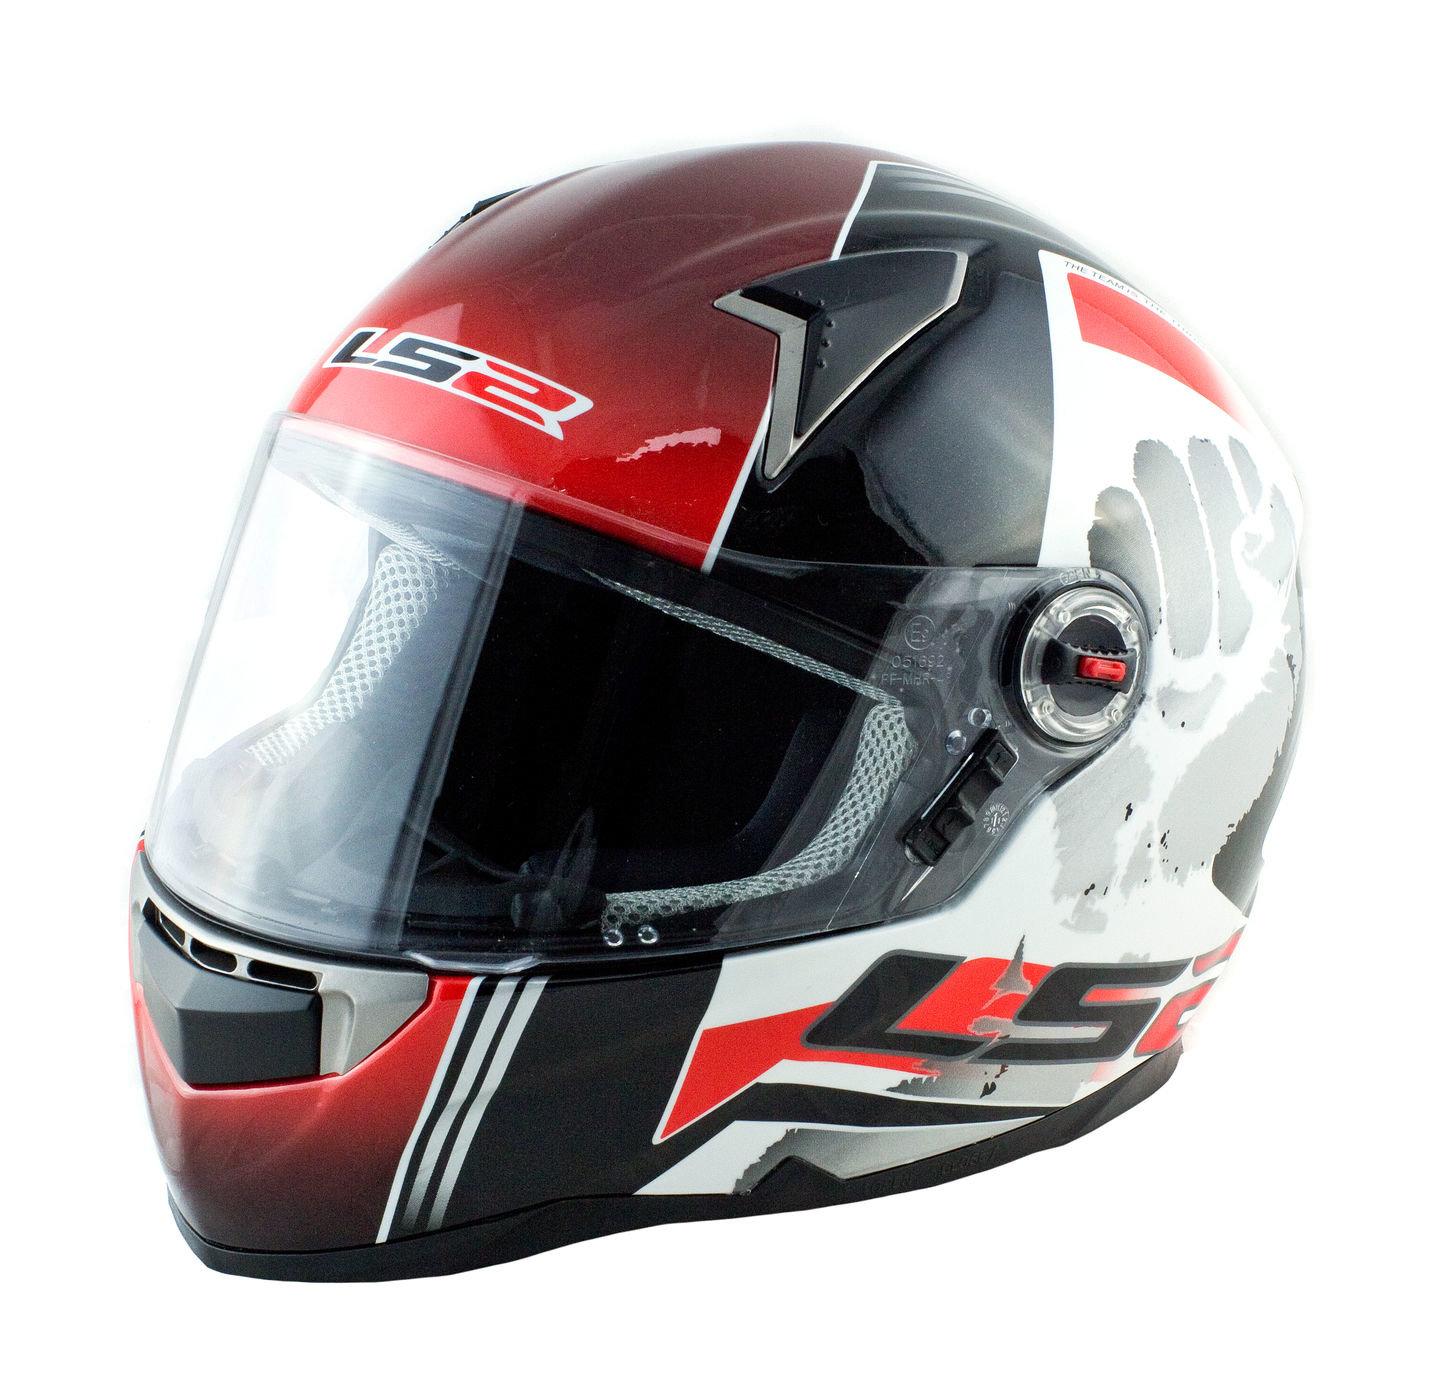 Шлем интеграл LS2 FF396, бело-красный, M art00145223